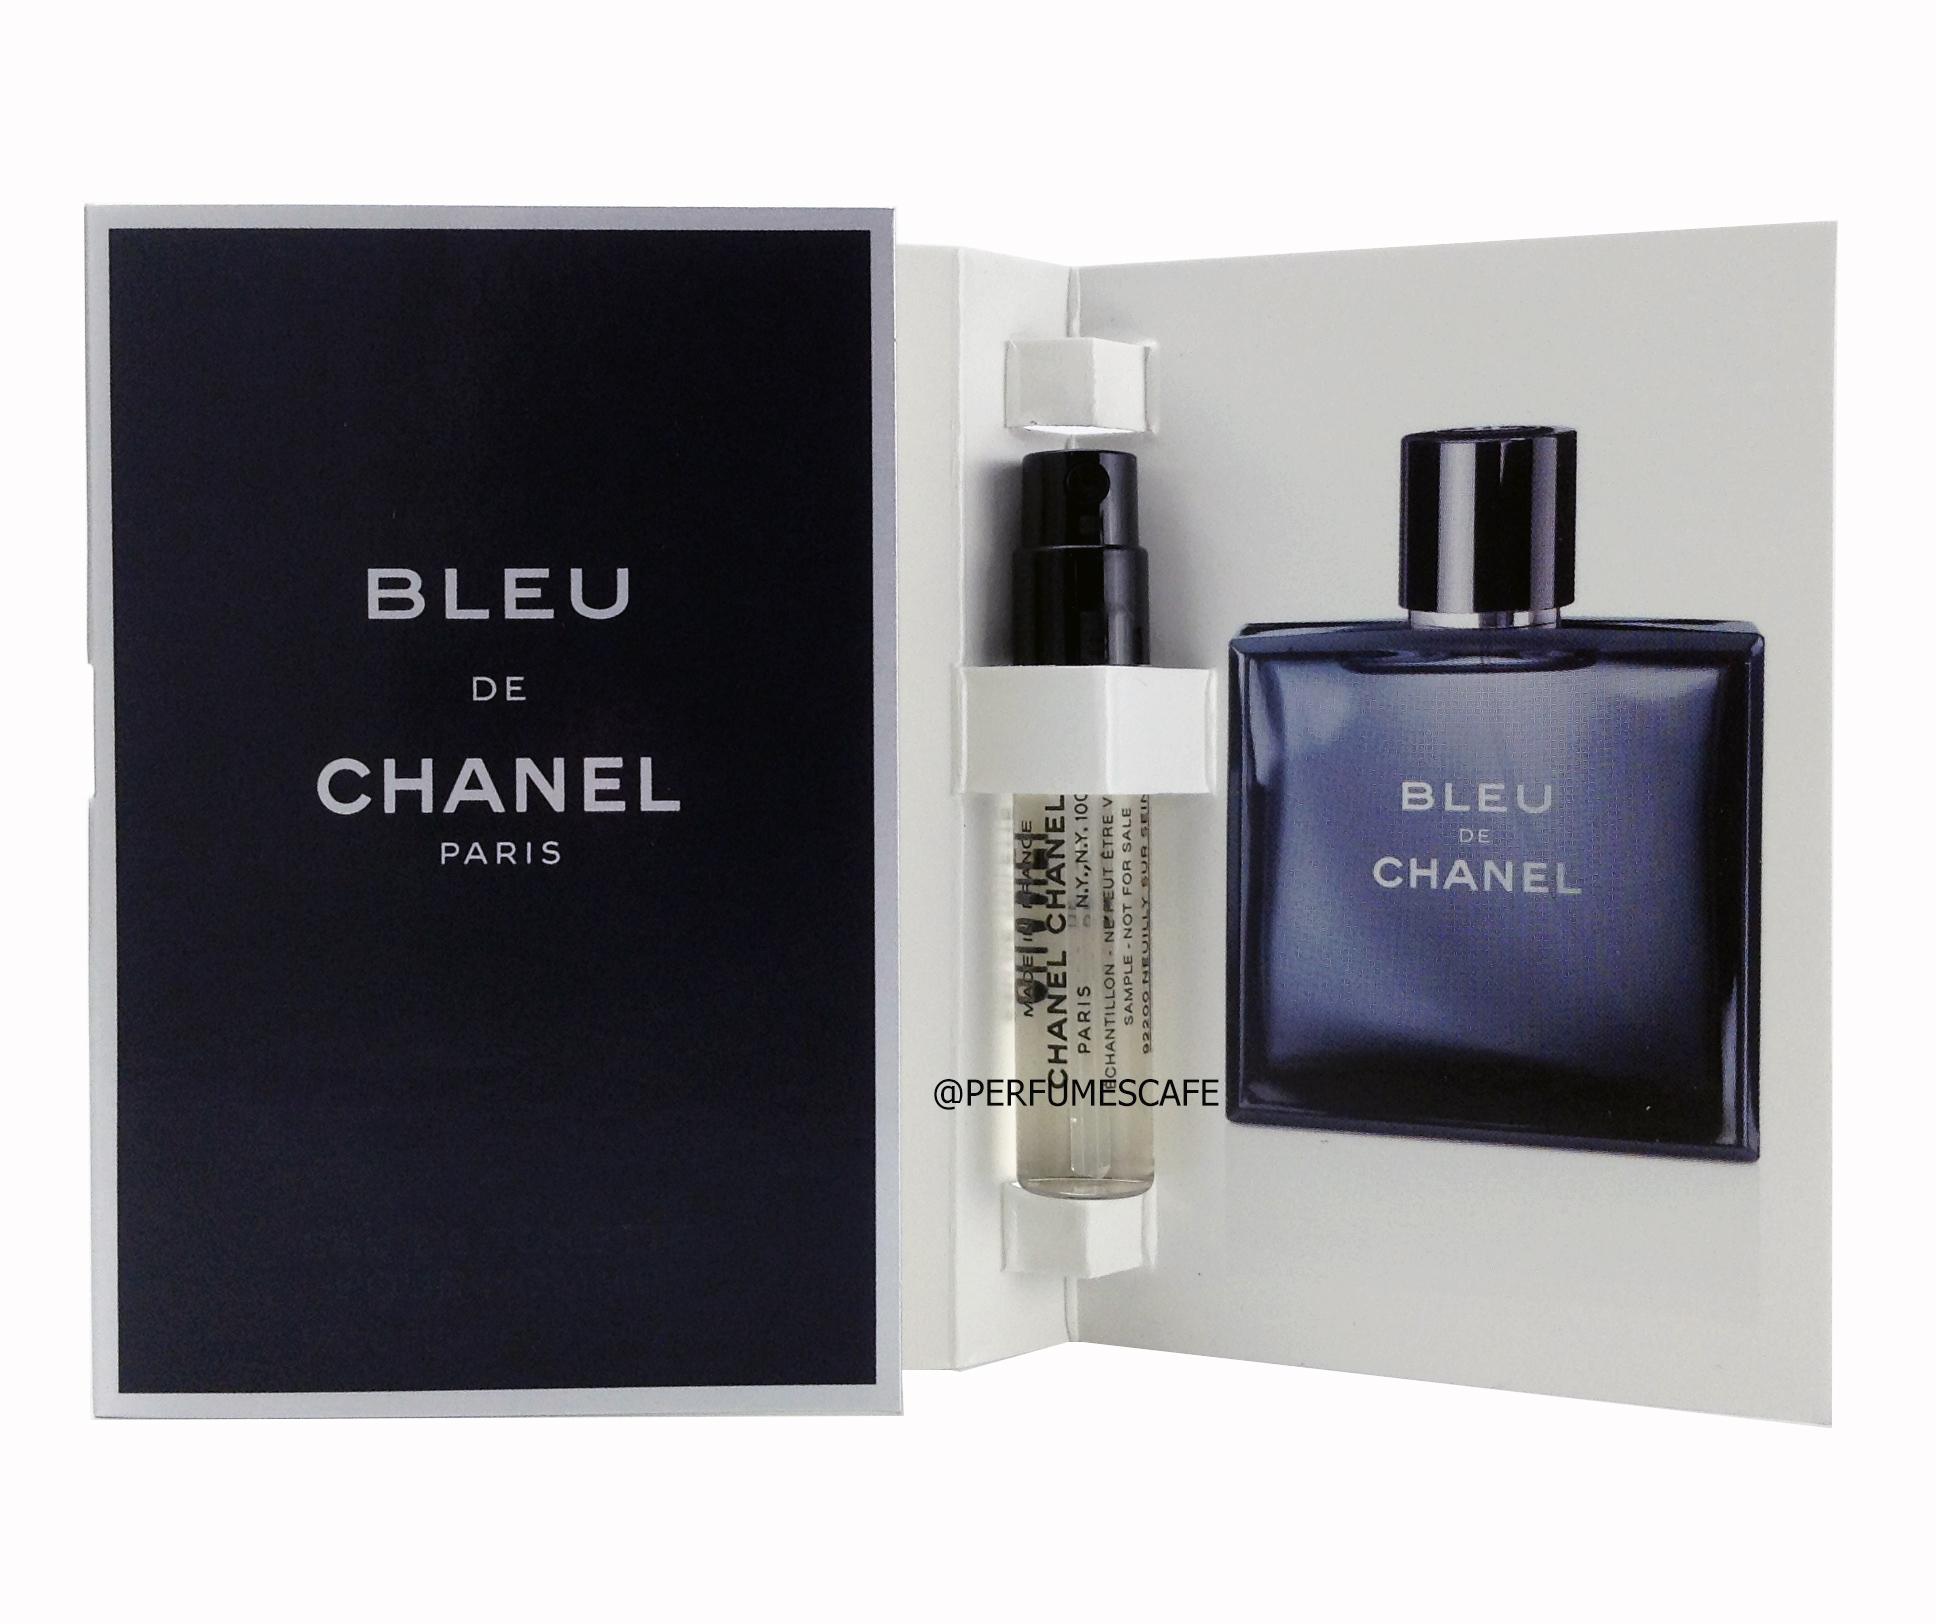 น้ำหอม Chanel Bleu De Chanel EDT ขนาดทดลอง 2ml.แบบสเปรย์